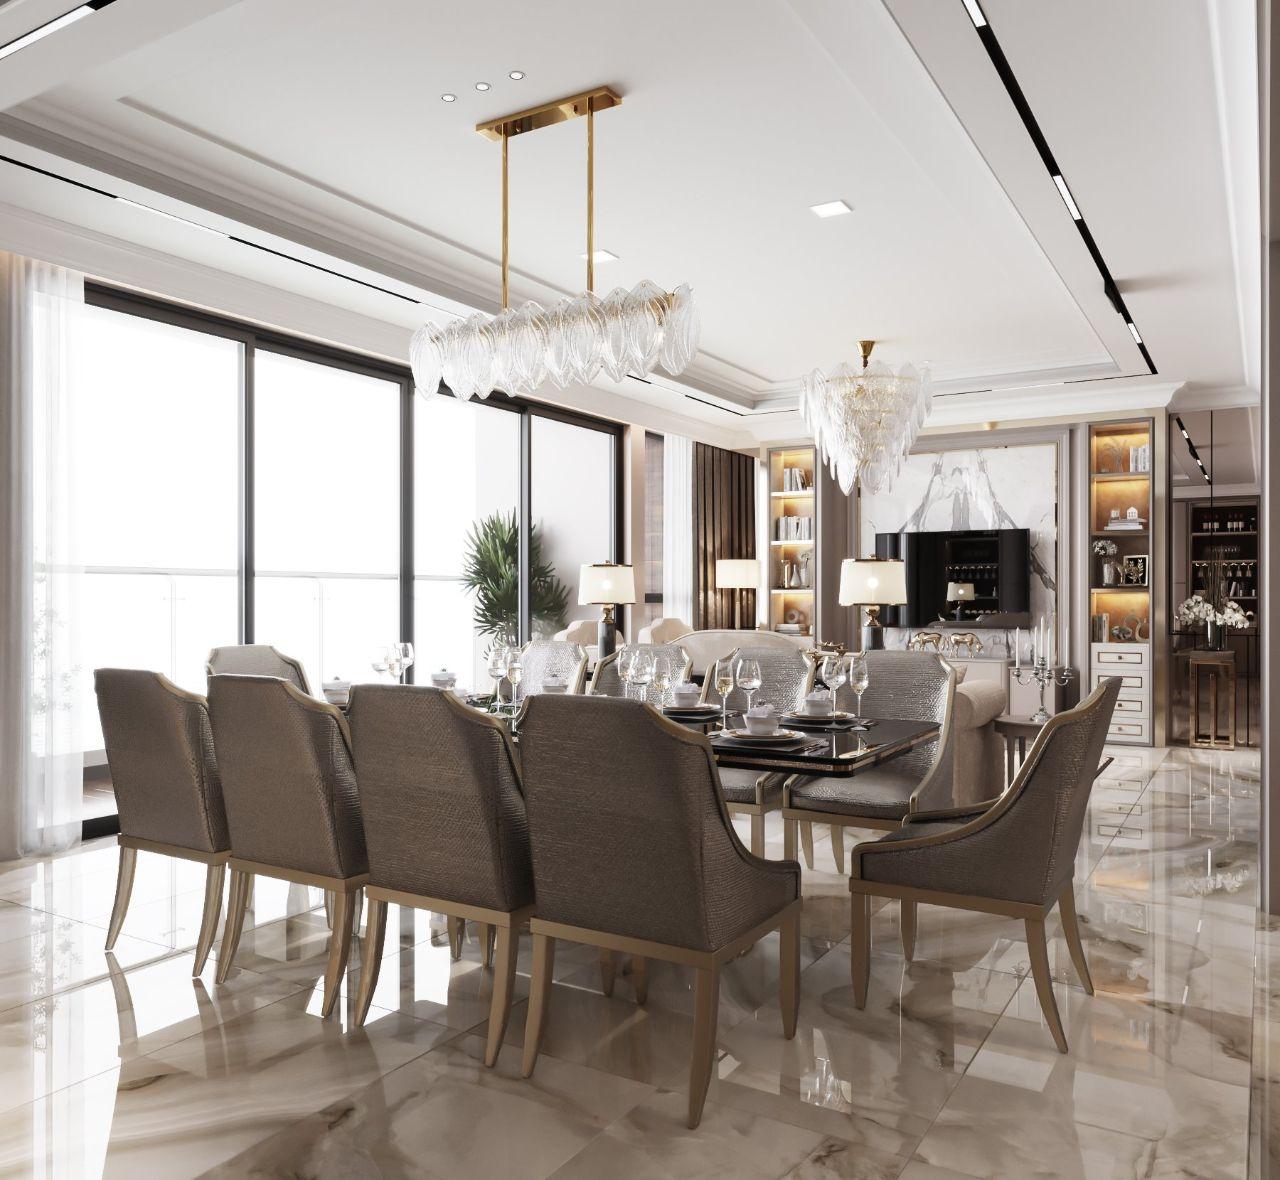 bàn ăn ghế ăn nội thất chung cư